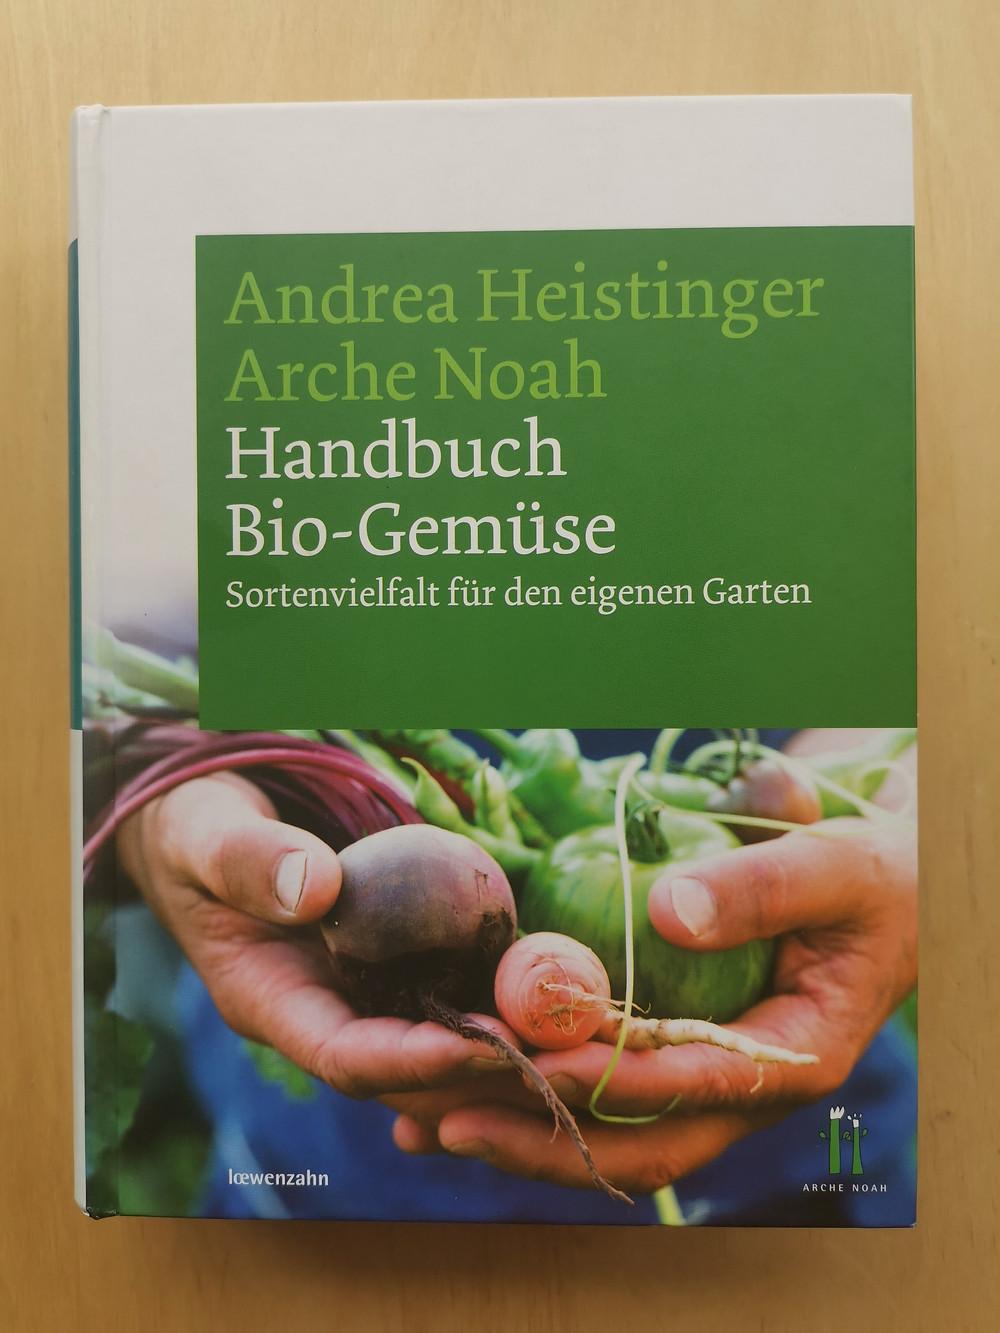 Handbuch Bio-Gemüse, Arche Noah, Balkongarten, Balkongemüse, Kräuter, Katharina rührt